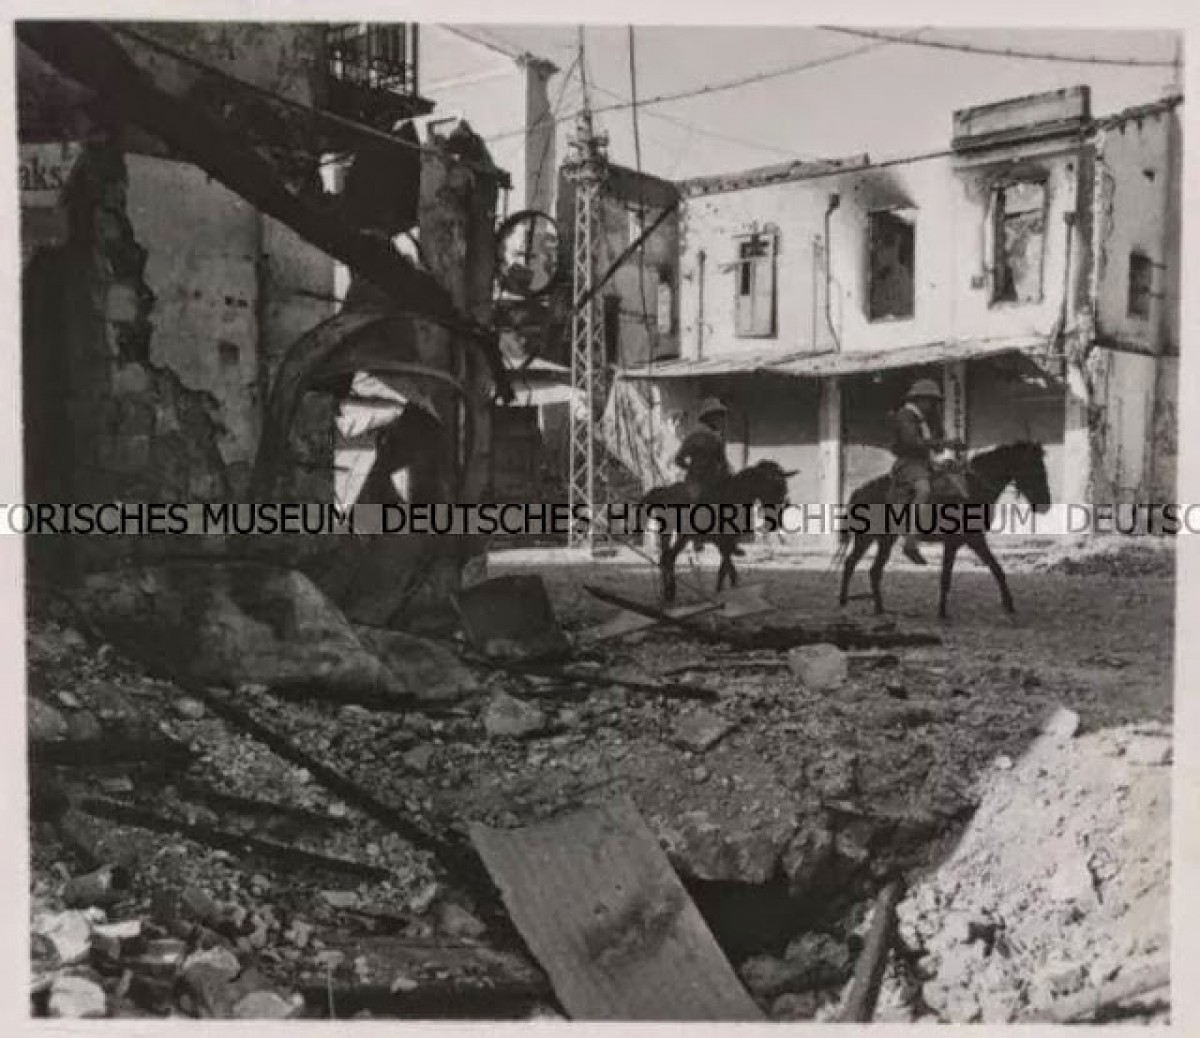 Οι ναζί αλεξιπτωστιστες επωχούμενοι επι γαιδουριων στην ερειπωμένη απο τους βομβαρδισμούς πόλη των Χανίων